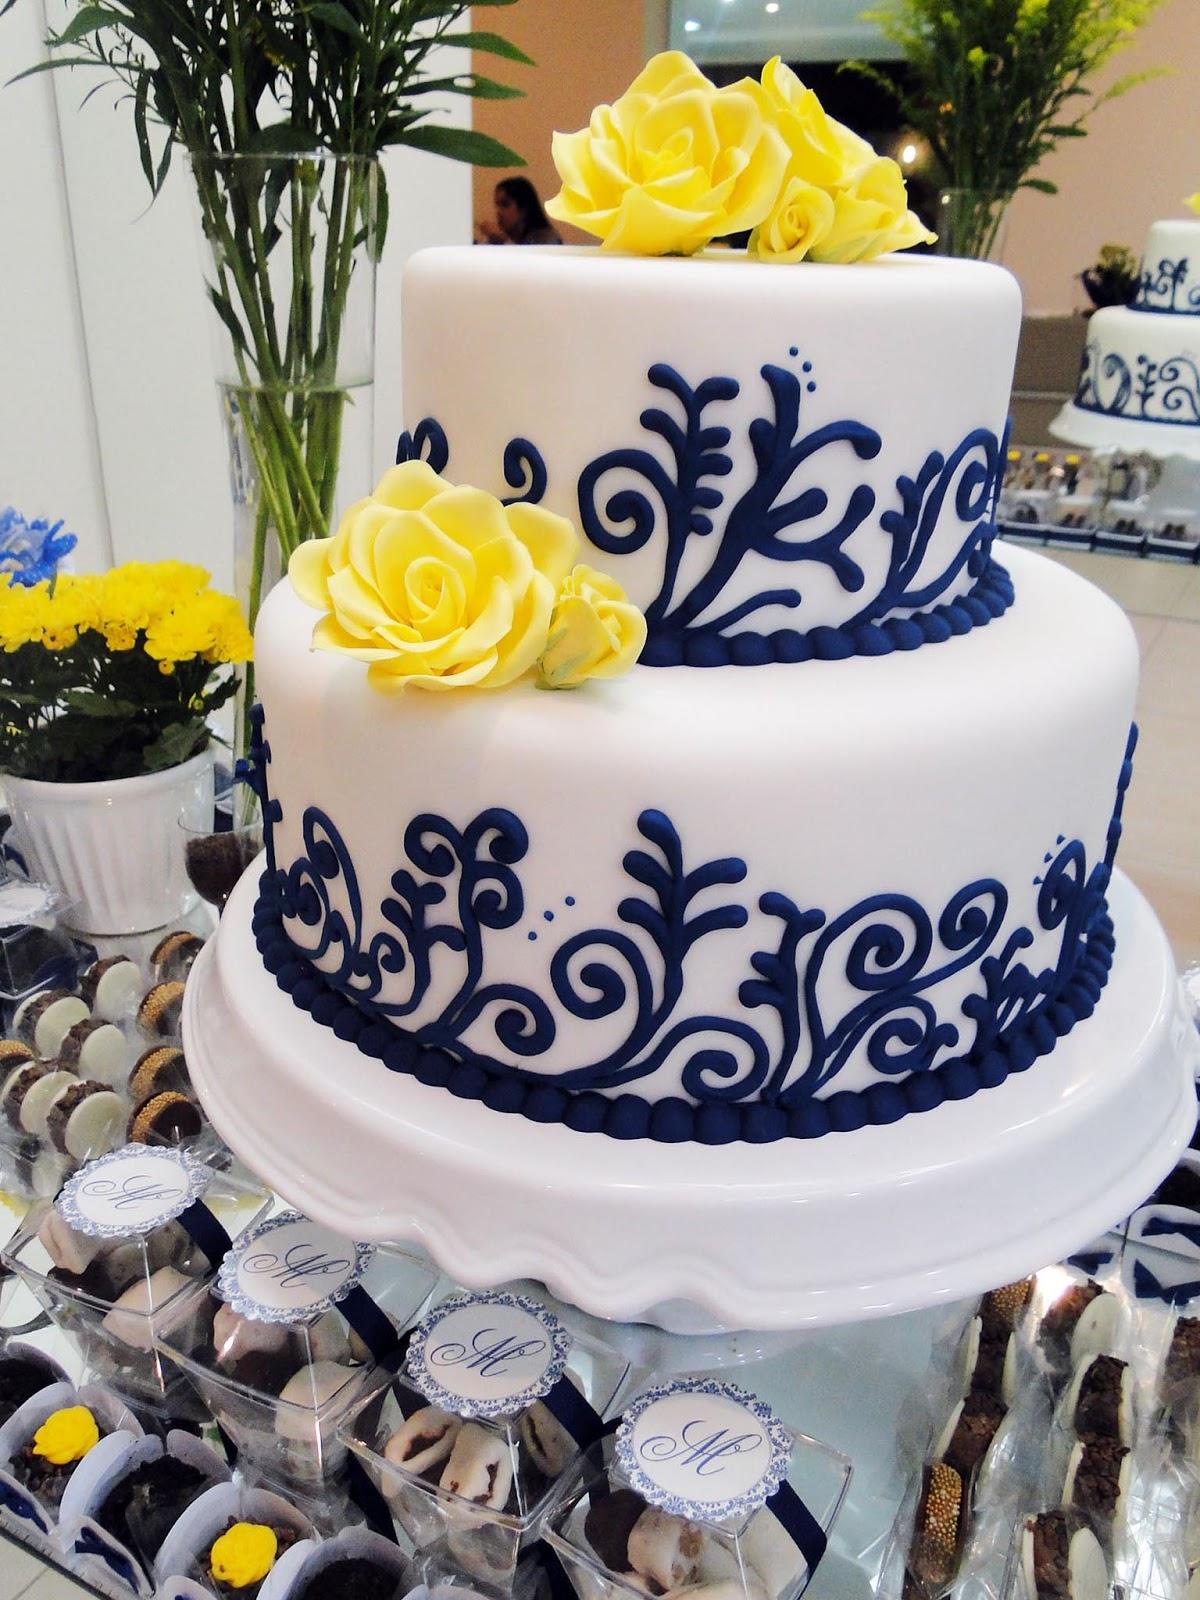 decoracao para casamento azul marinho e amarelo : decoracao para casamento azul marinho e amarelo:Princesas de Cristo: Casamento: azul marinho e amarelo!